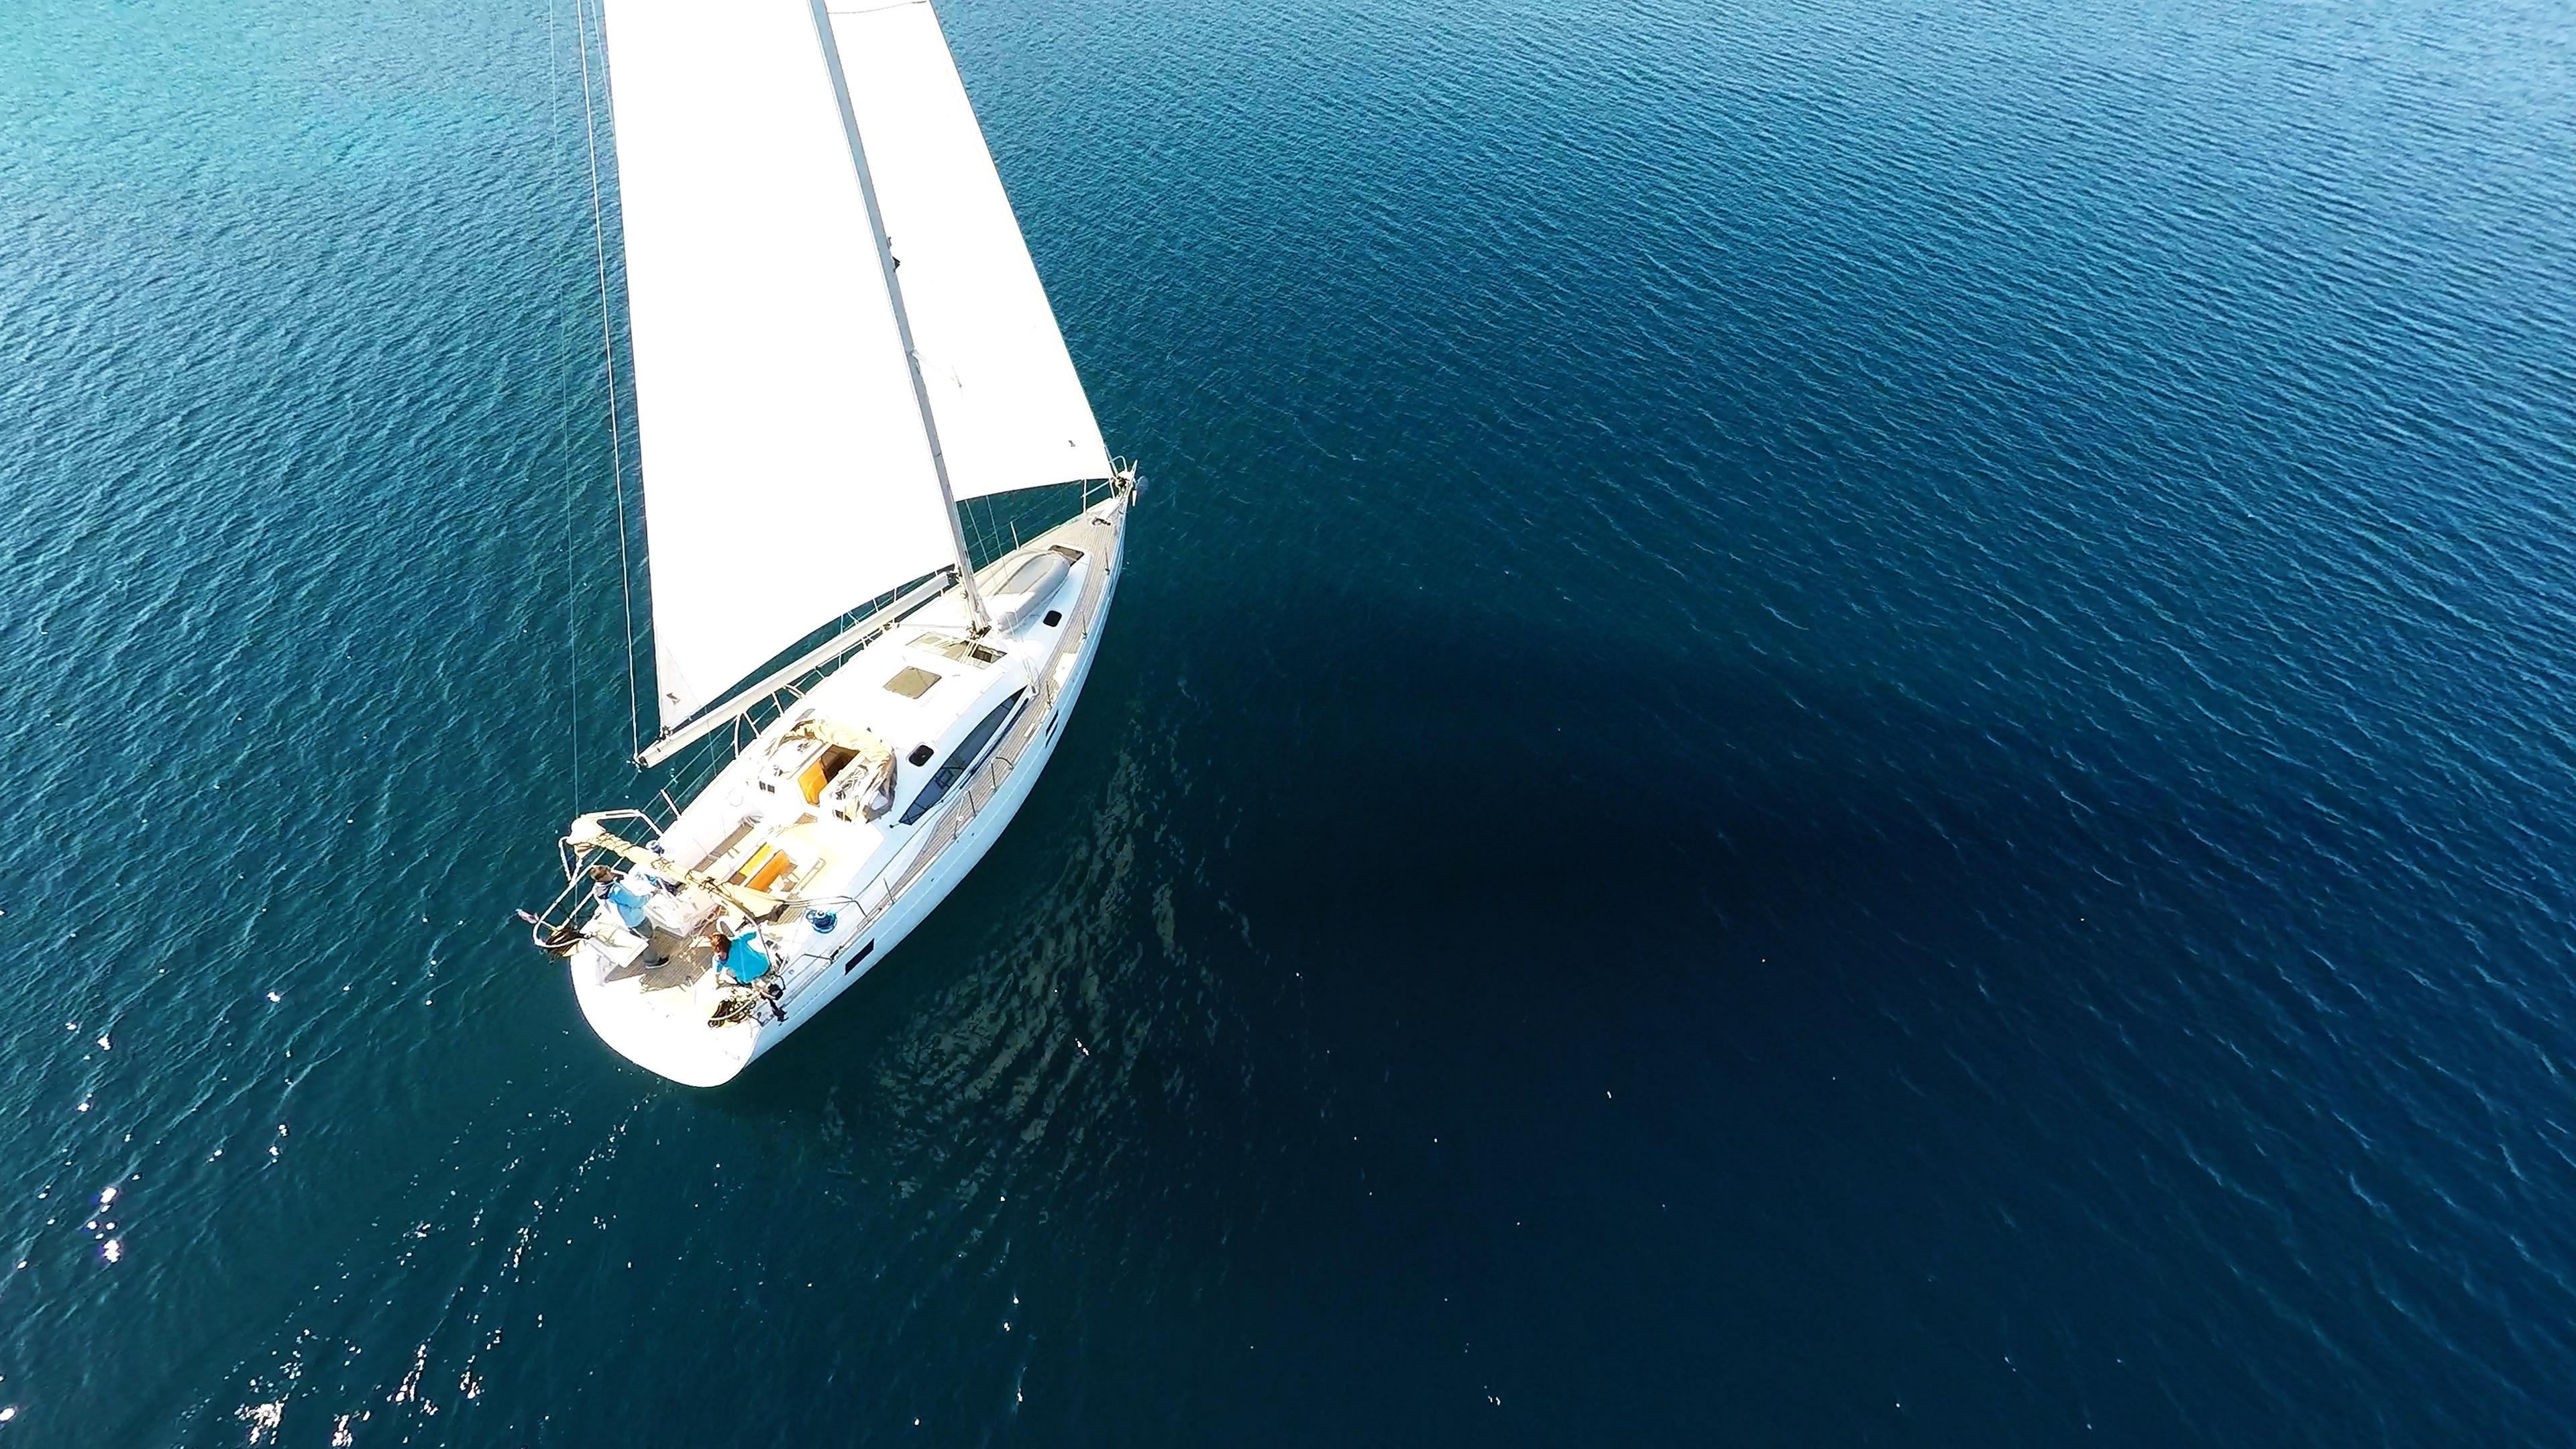 bateau à voile elan 45 impression voilier voile mer